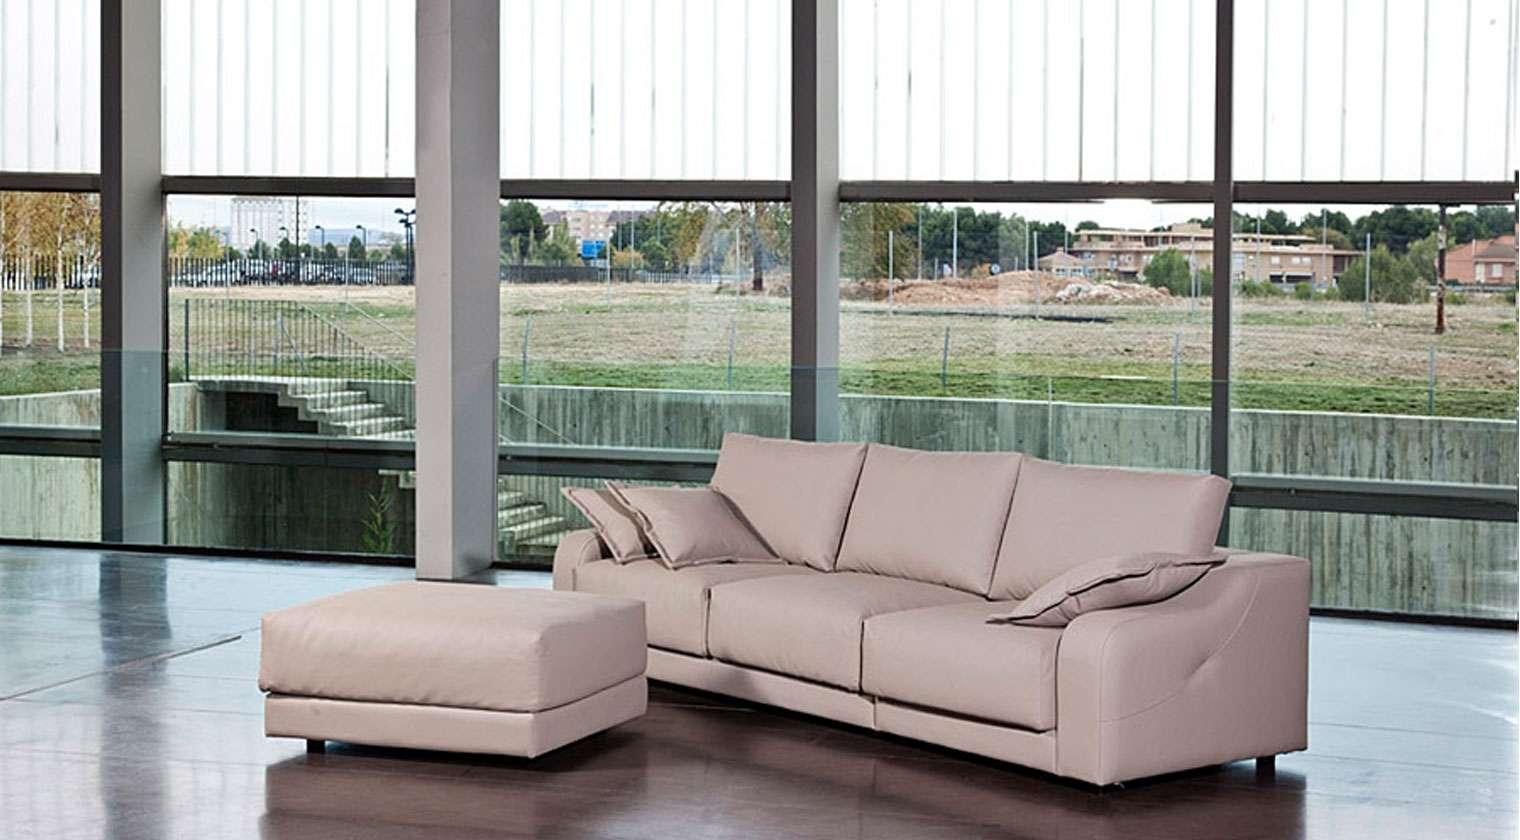 Sof tela venus sofas de tela - Telas para cubrir sofas ...